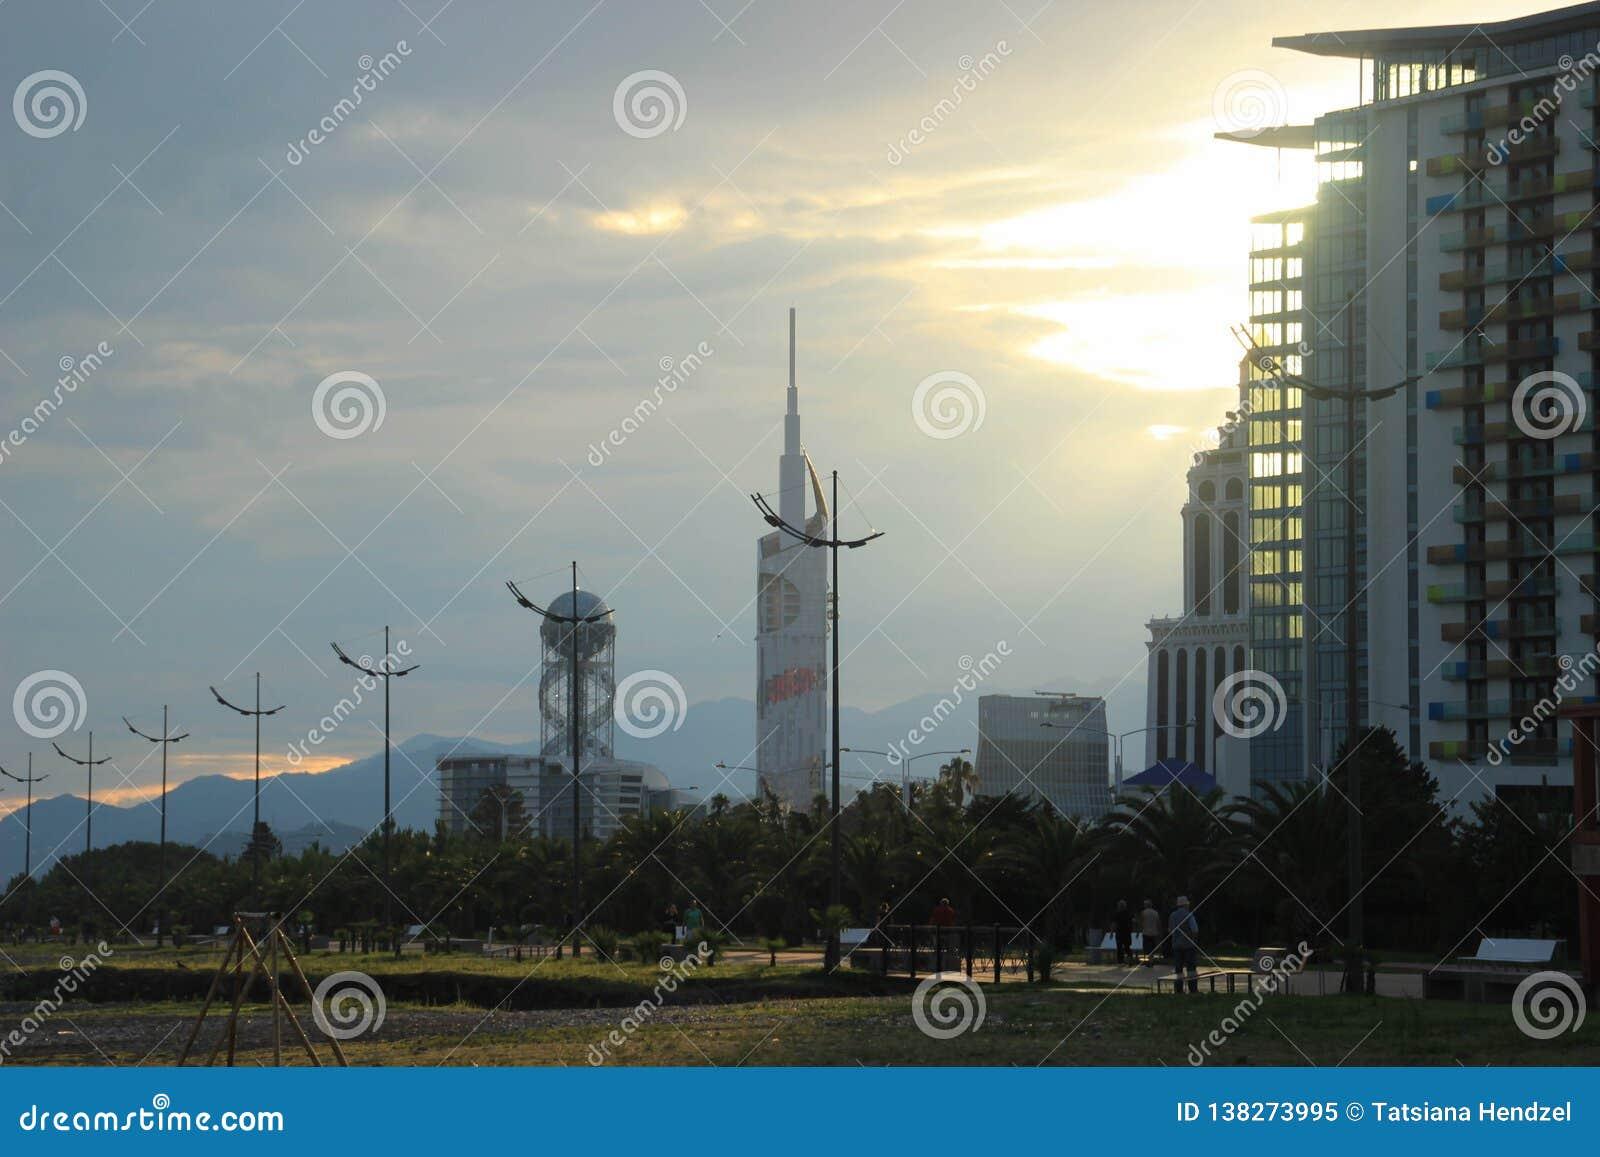 Los rascacielos principales de la ciudad: la Universidad Tecnológica y el objeto del arte del alfabeto